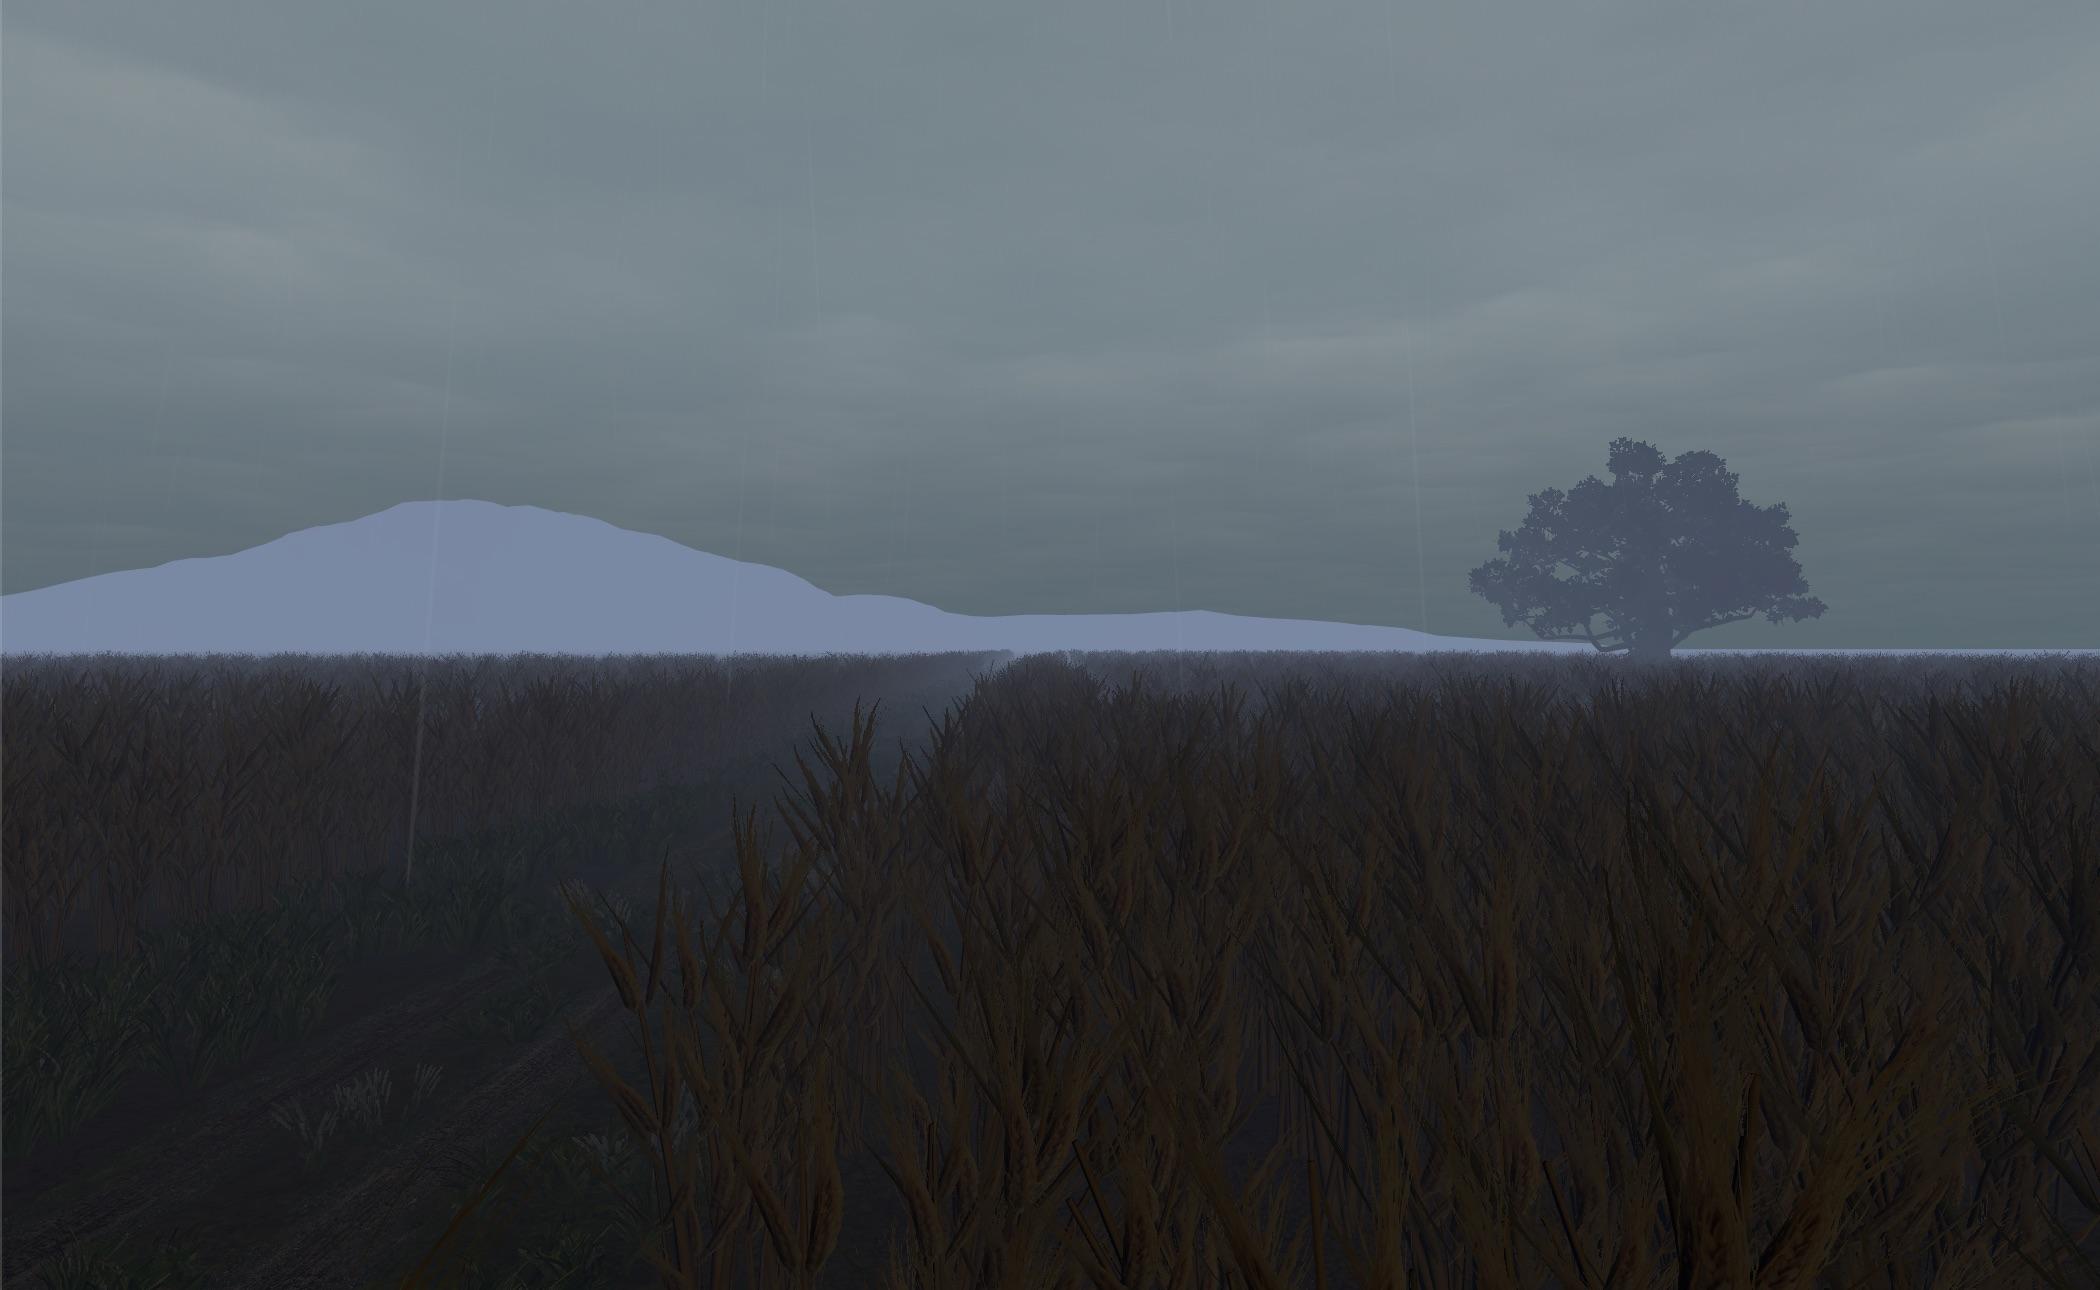 UniStorm_fog_bug.jpg